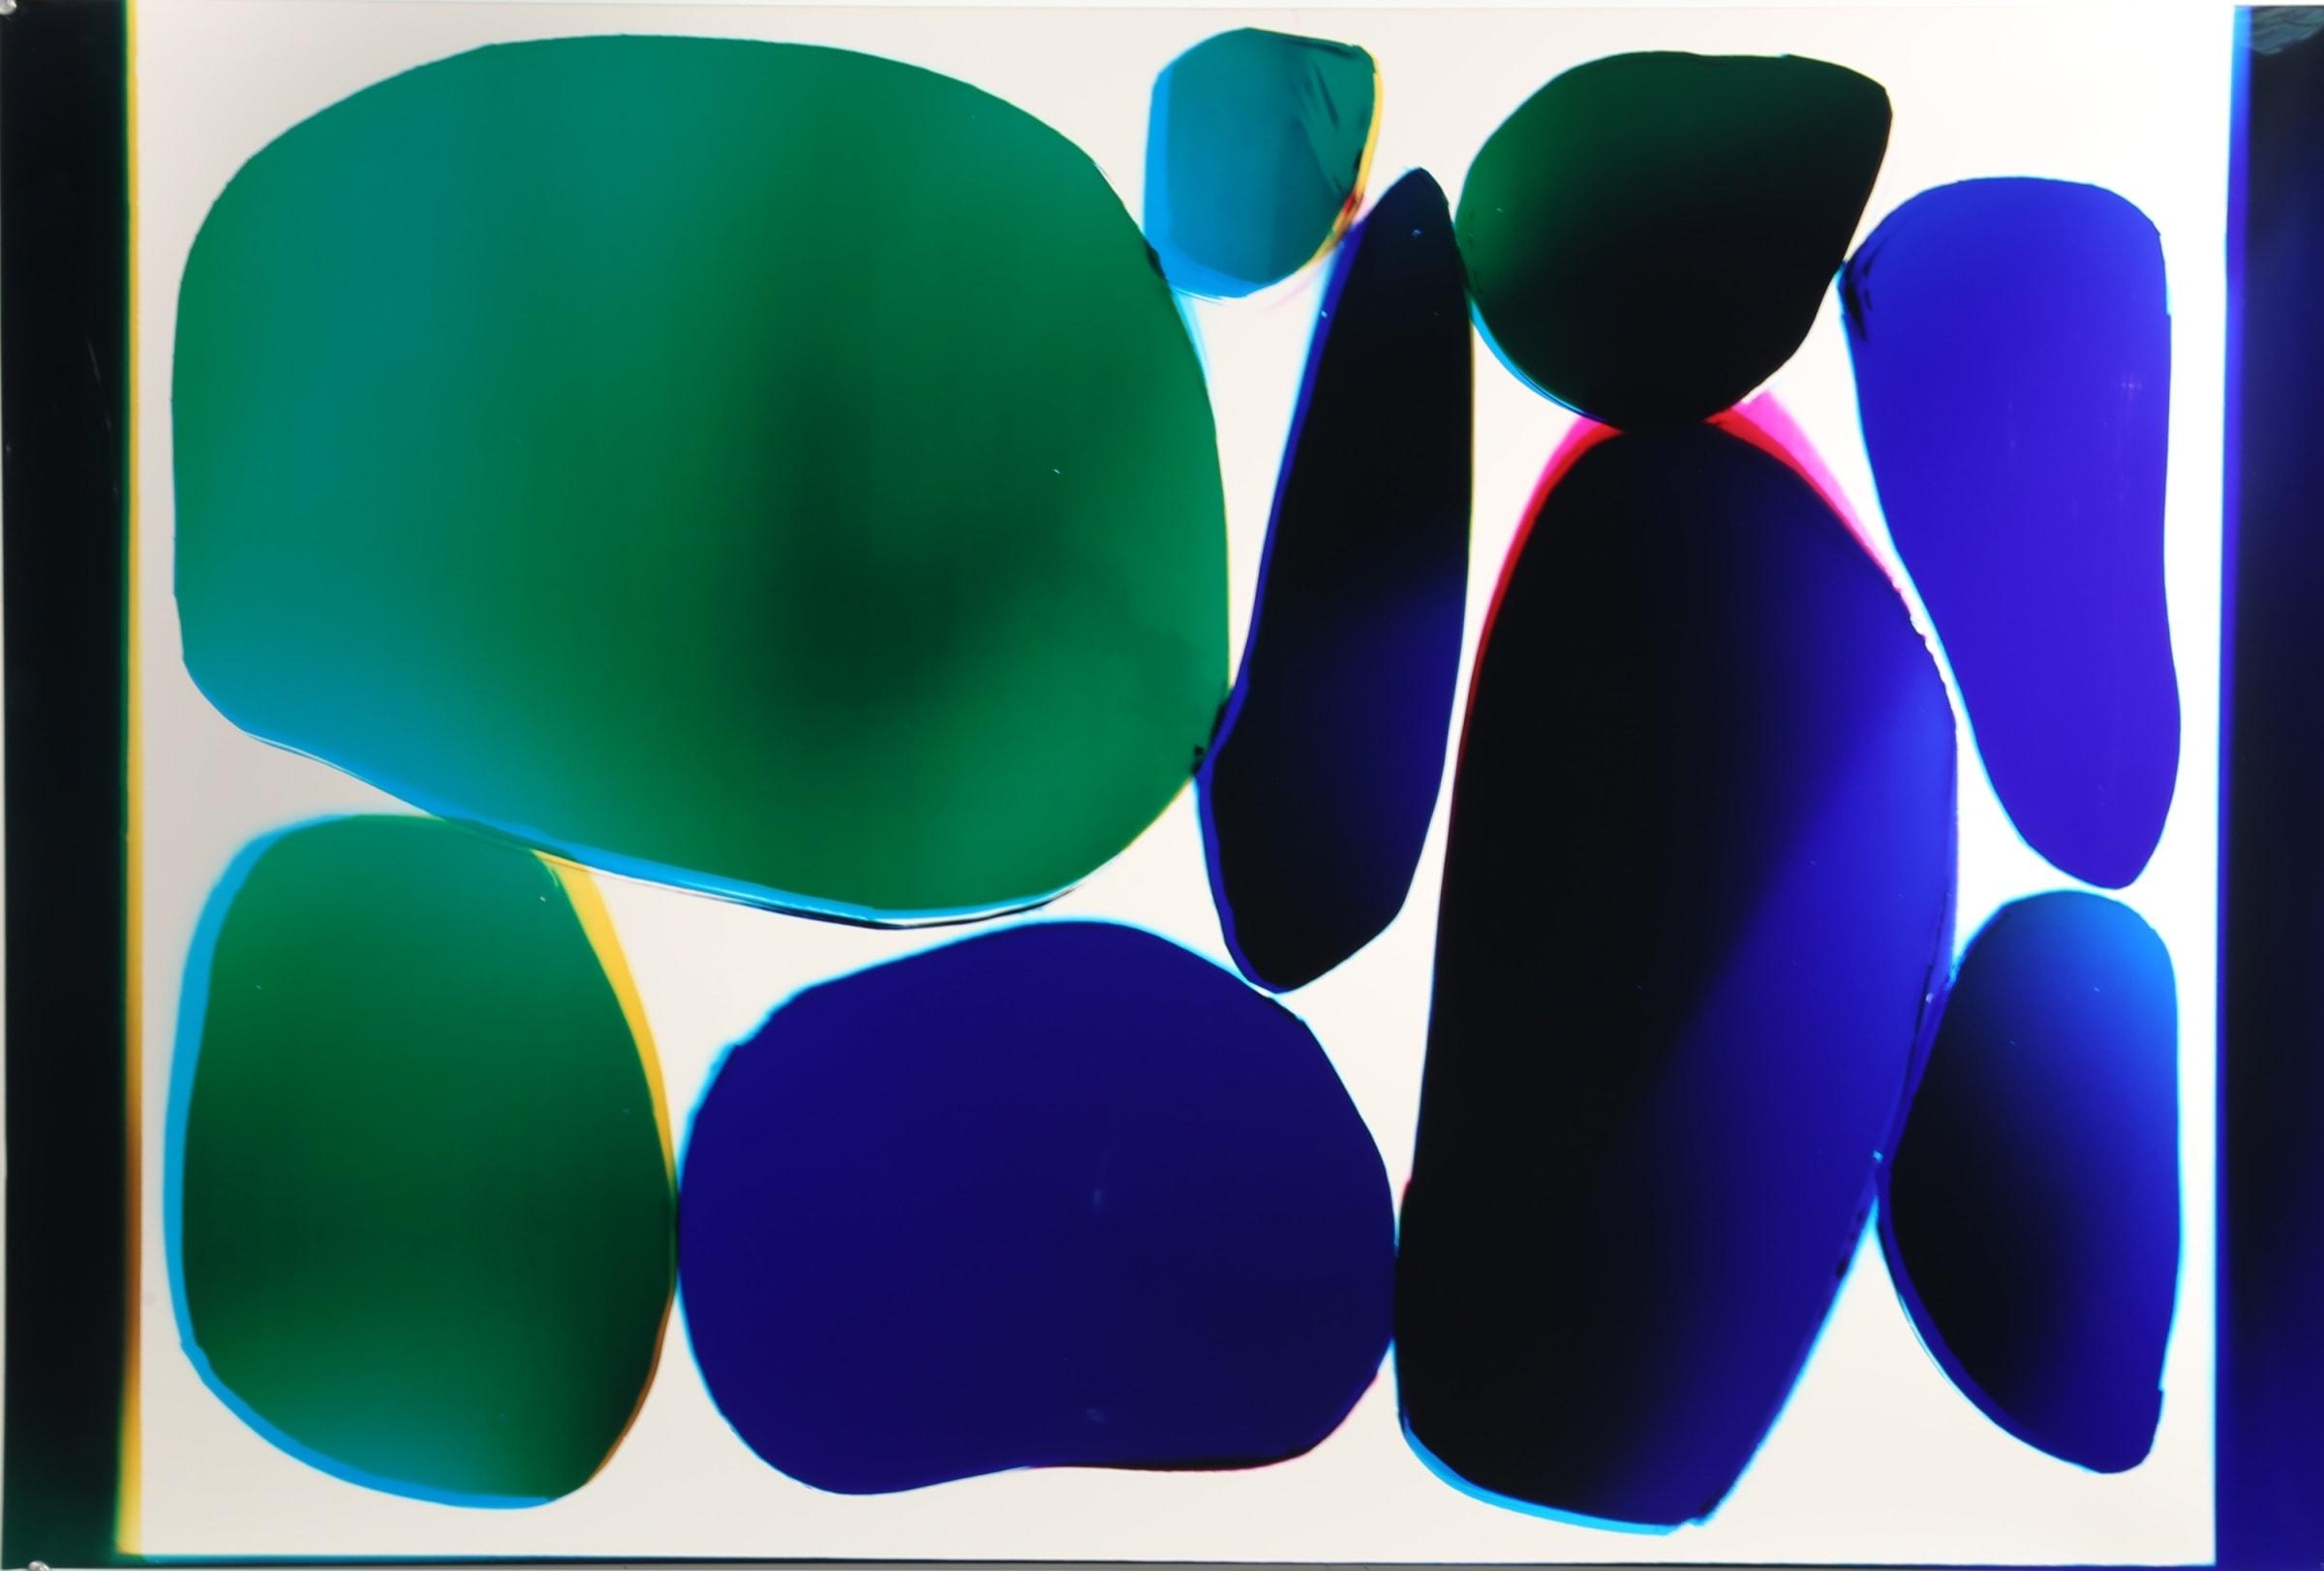 """<span class=""""link fancybox-details-link""""><a href=""""/exhibitions/8/works/image98/"""">View Detail Page</a></span><div class=""""artist""""><strong>Liz Nielsen</strong></div><div class=""""title""""><em>Cool Stones</em>, 2018</div><div class=""""signed_and_dated"""">Signed, titled and dated on artists label</div><div class=""""medium"""">Analogue Chromogenic Photogram on Fujiflex, Unique</div><div class=""""dimensions"""">76.2 x 114.3 cm</div>"""